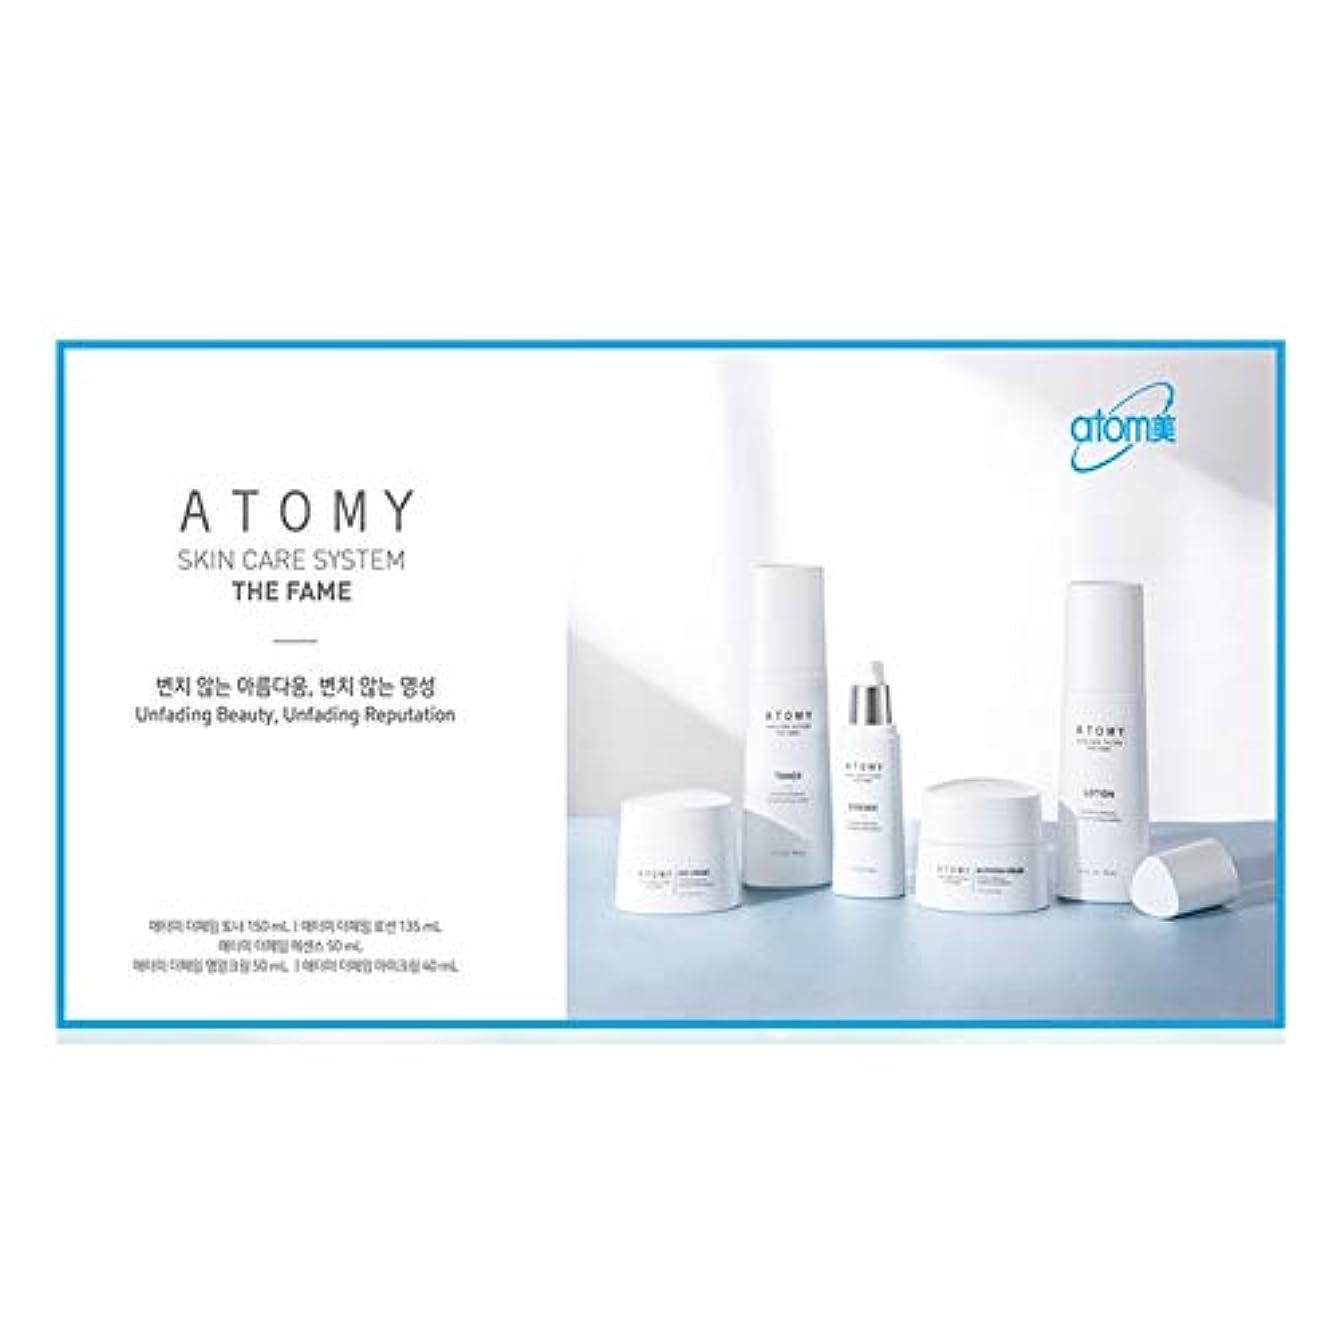 訪問現代の出力アトミザ・フェームエッセンス50ml韓国コスメ、Atomy The Fame Essence 50ml Korean Cosmetics [並行輸入品]